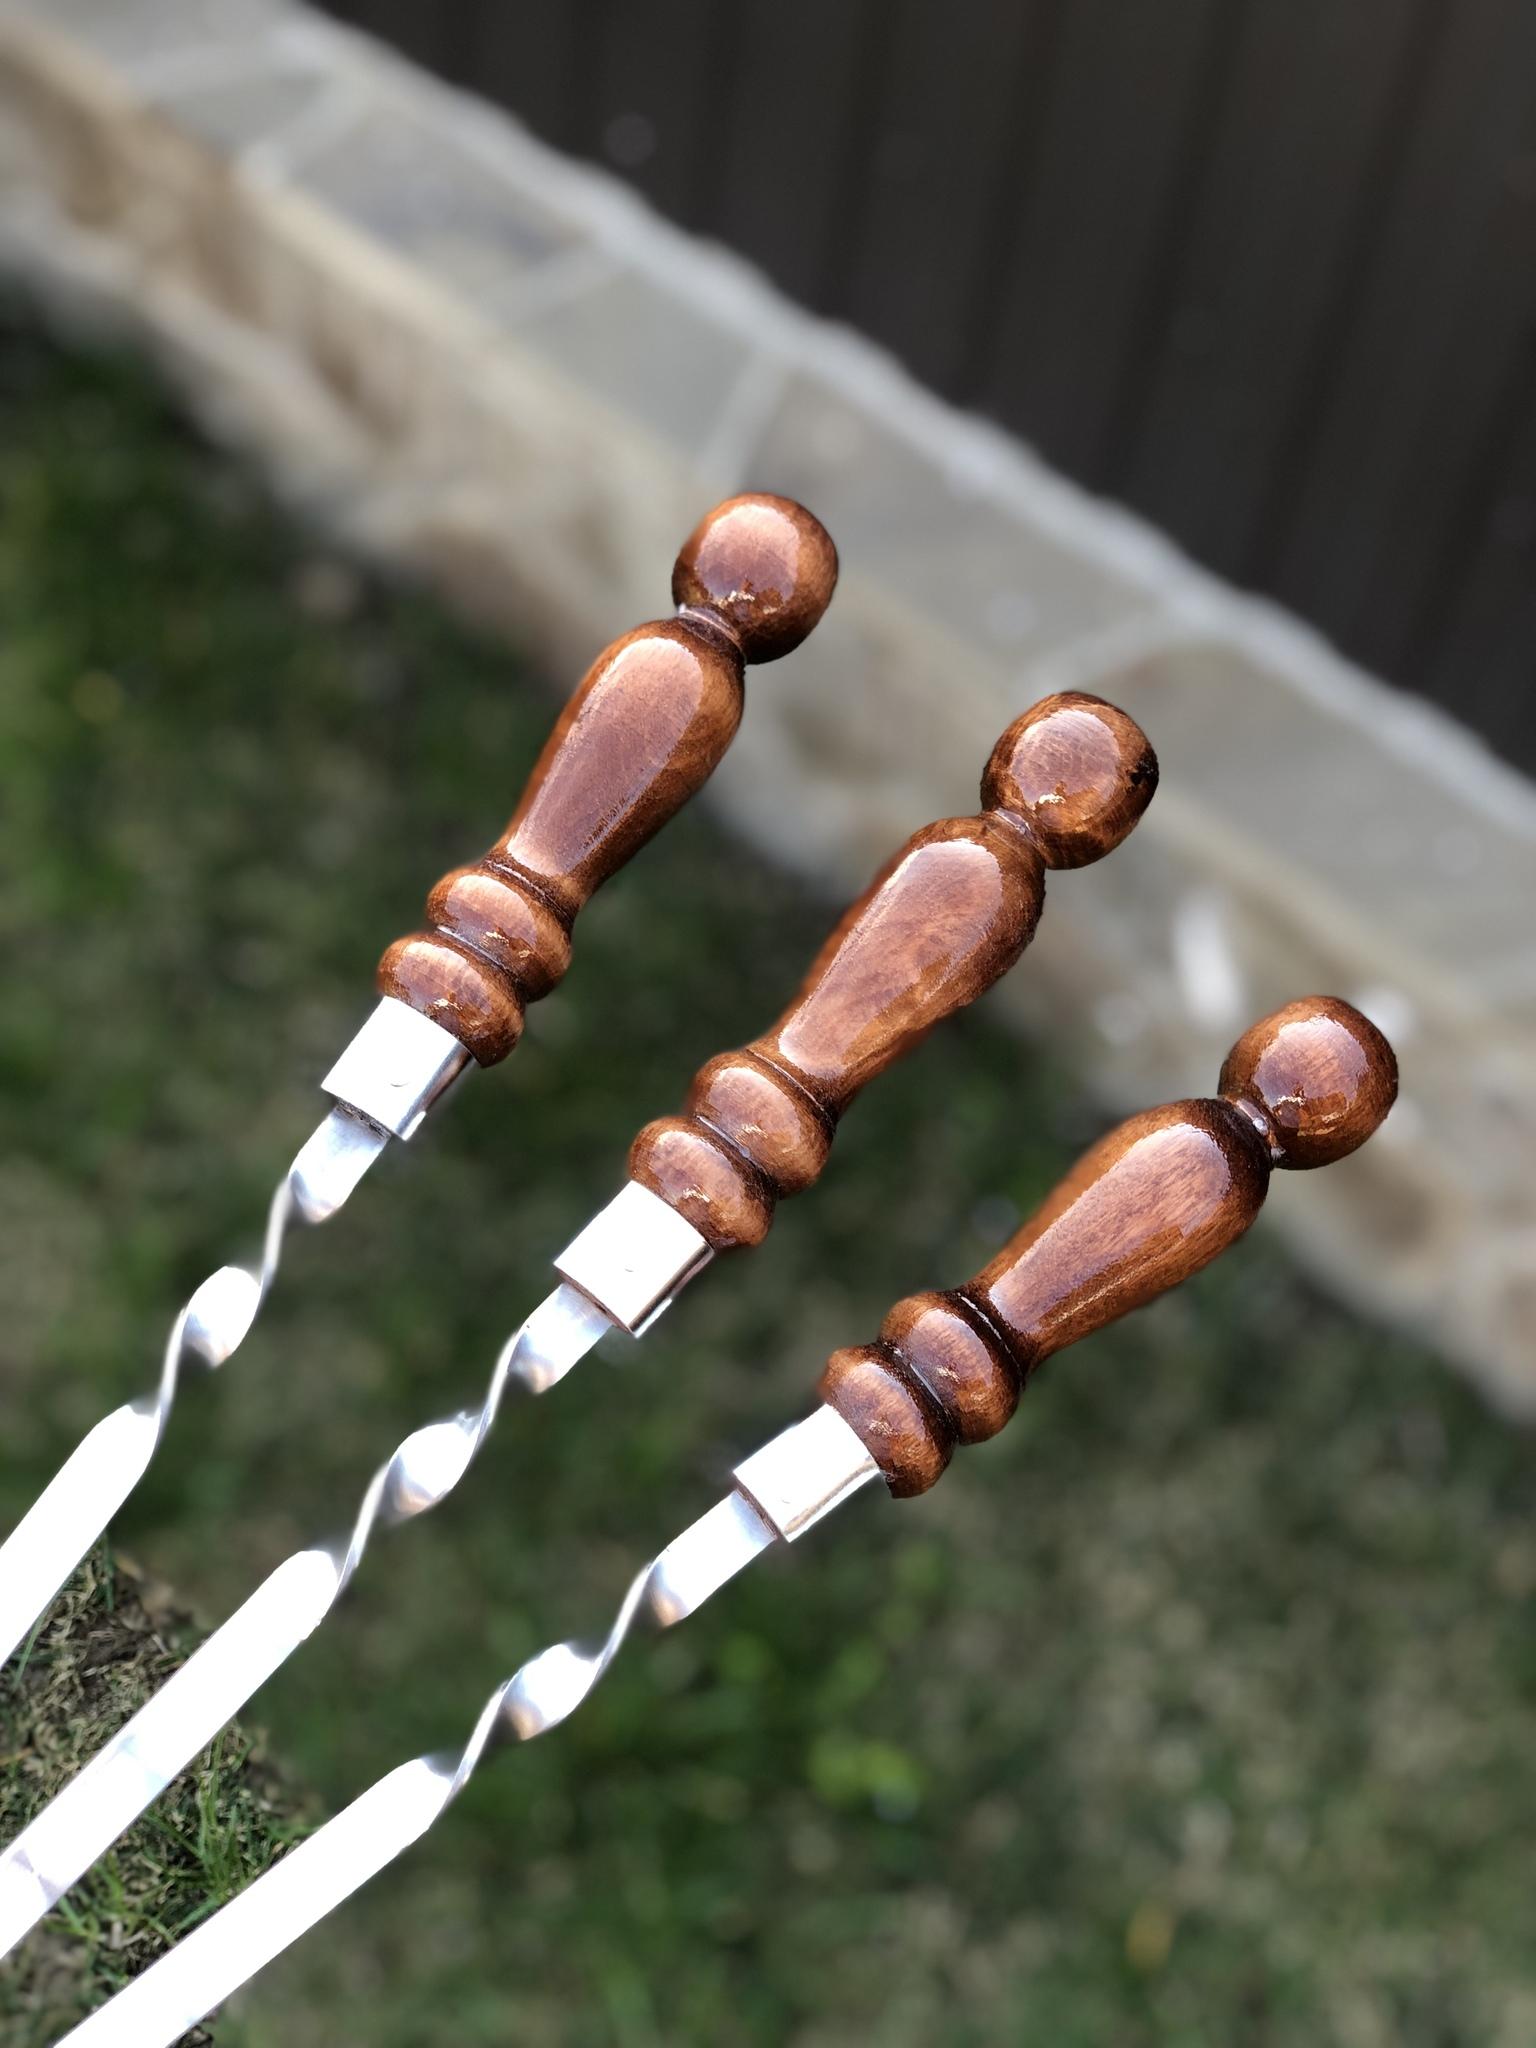 """Шампуры из нержавейки Шампур с деревянной ручкой 3мм """"Шар кольцо"""" (ширина 12мм) №8 IMG_2731.JPG"""